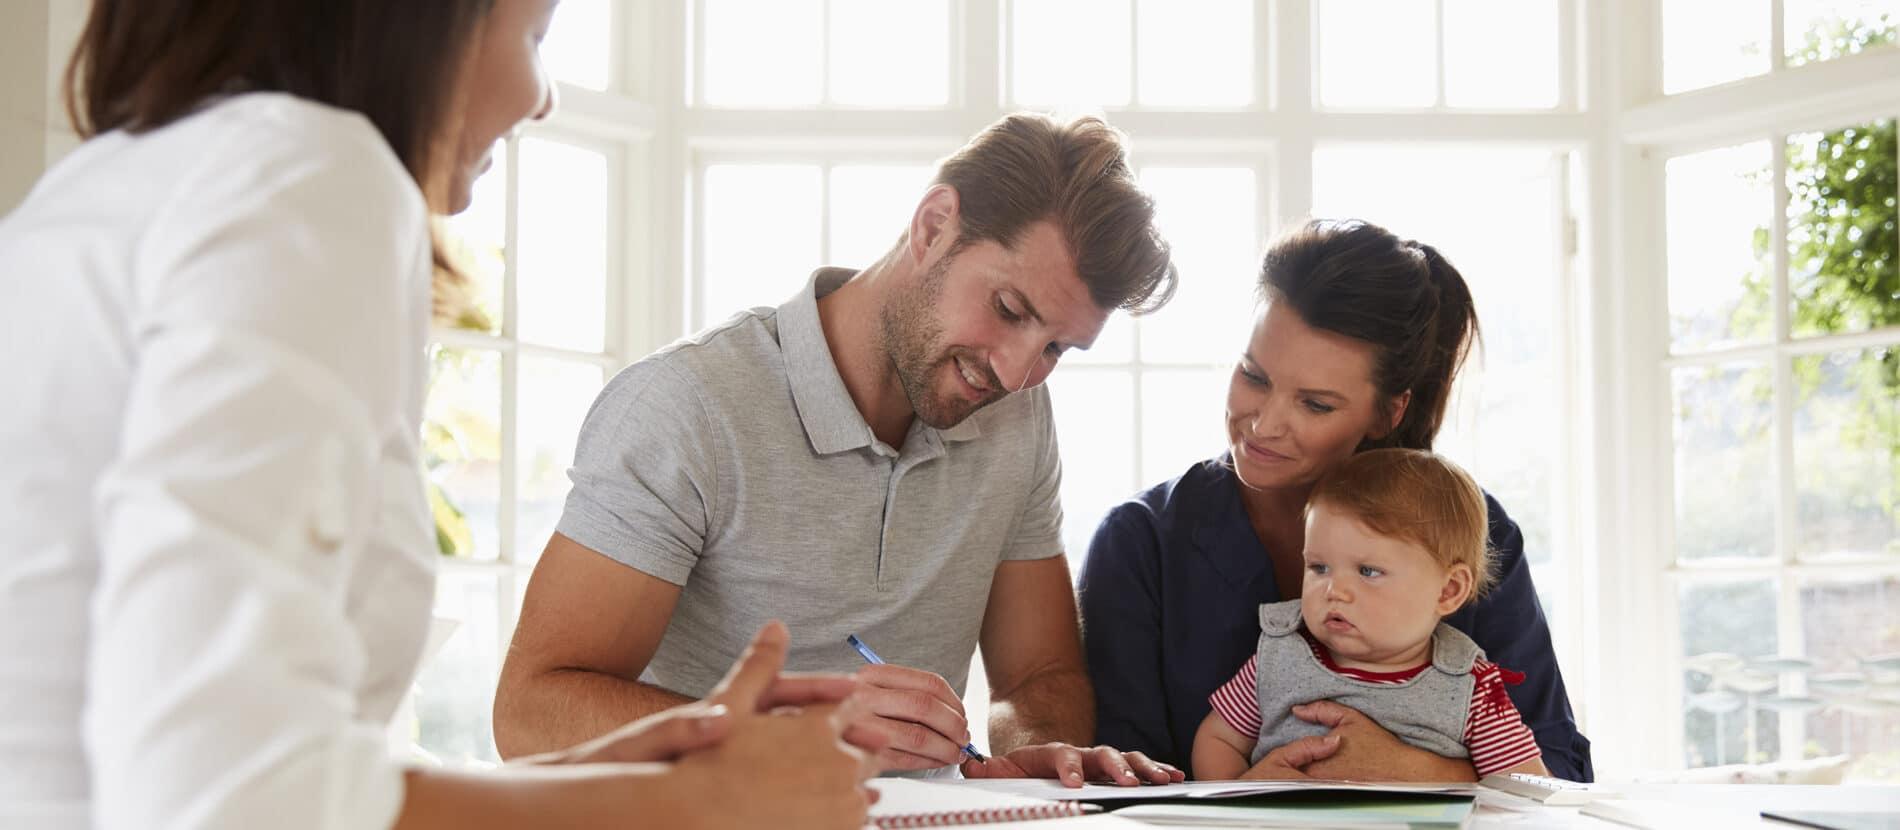 Une famille se faisant aider par un conseiller.